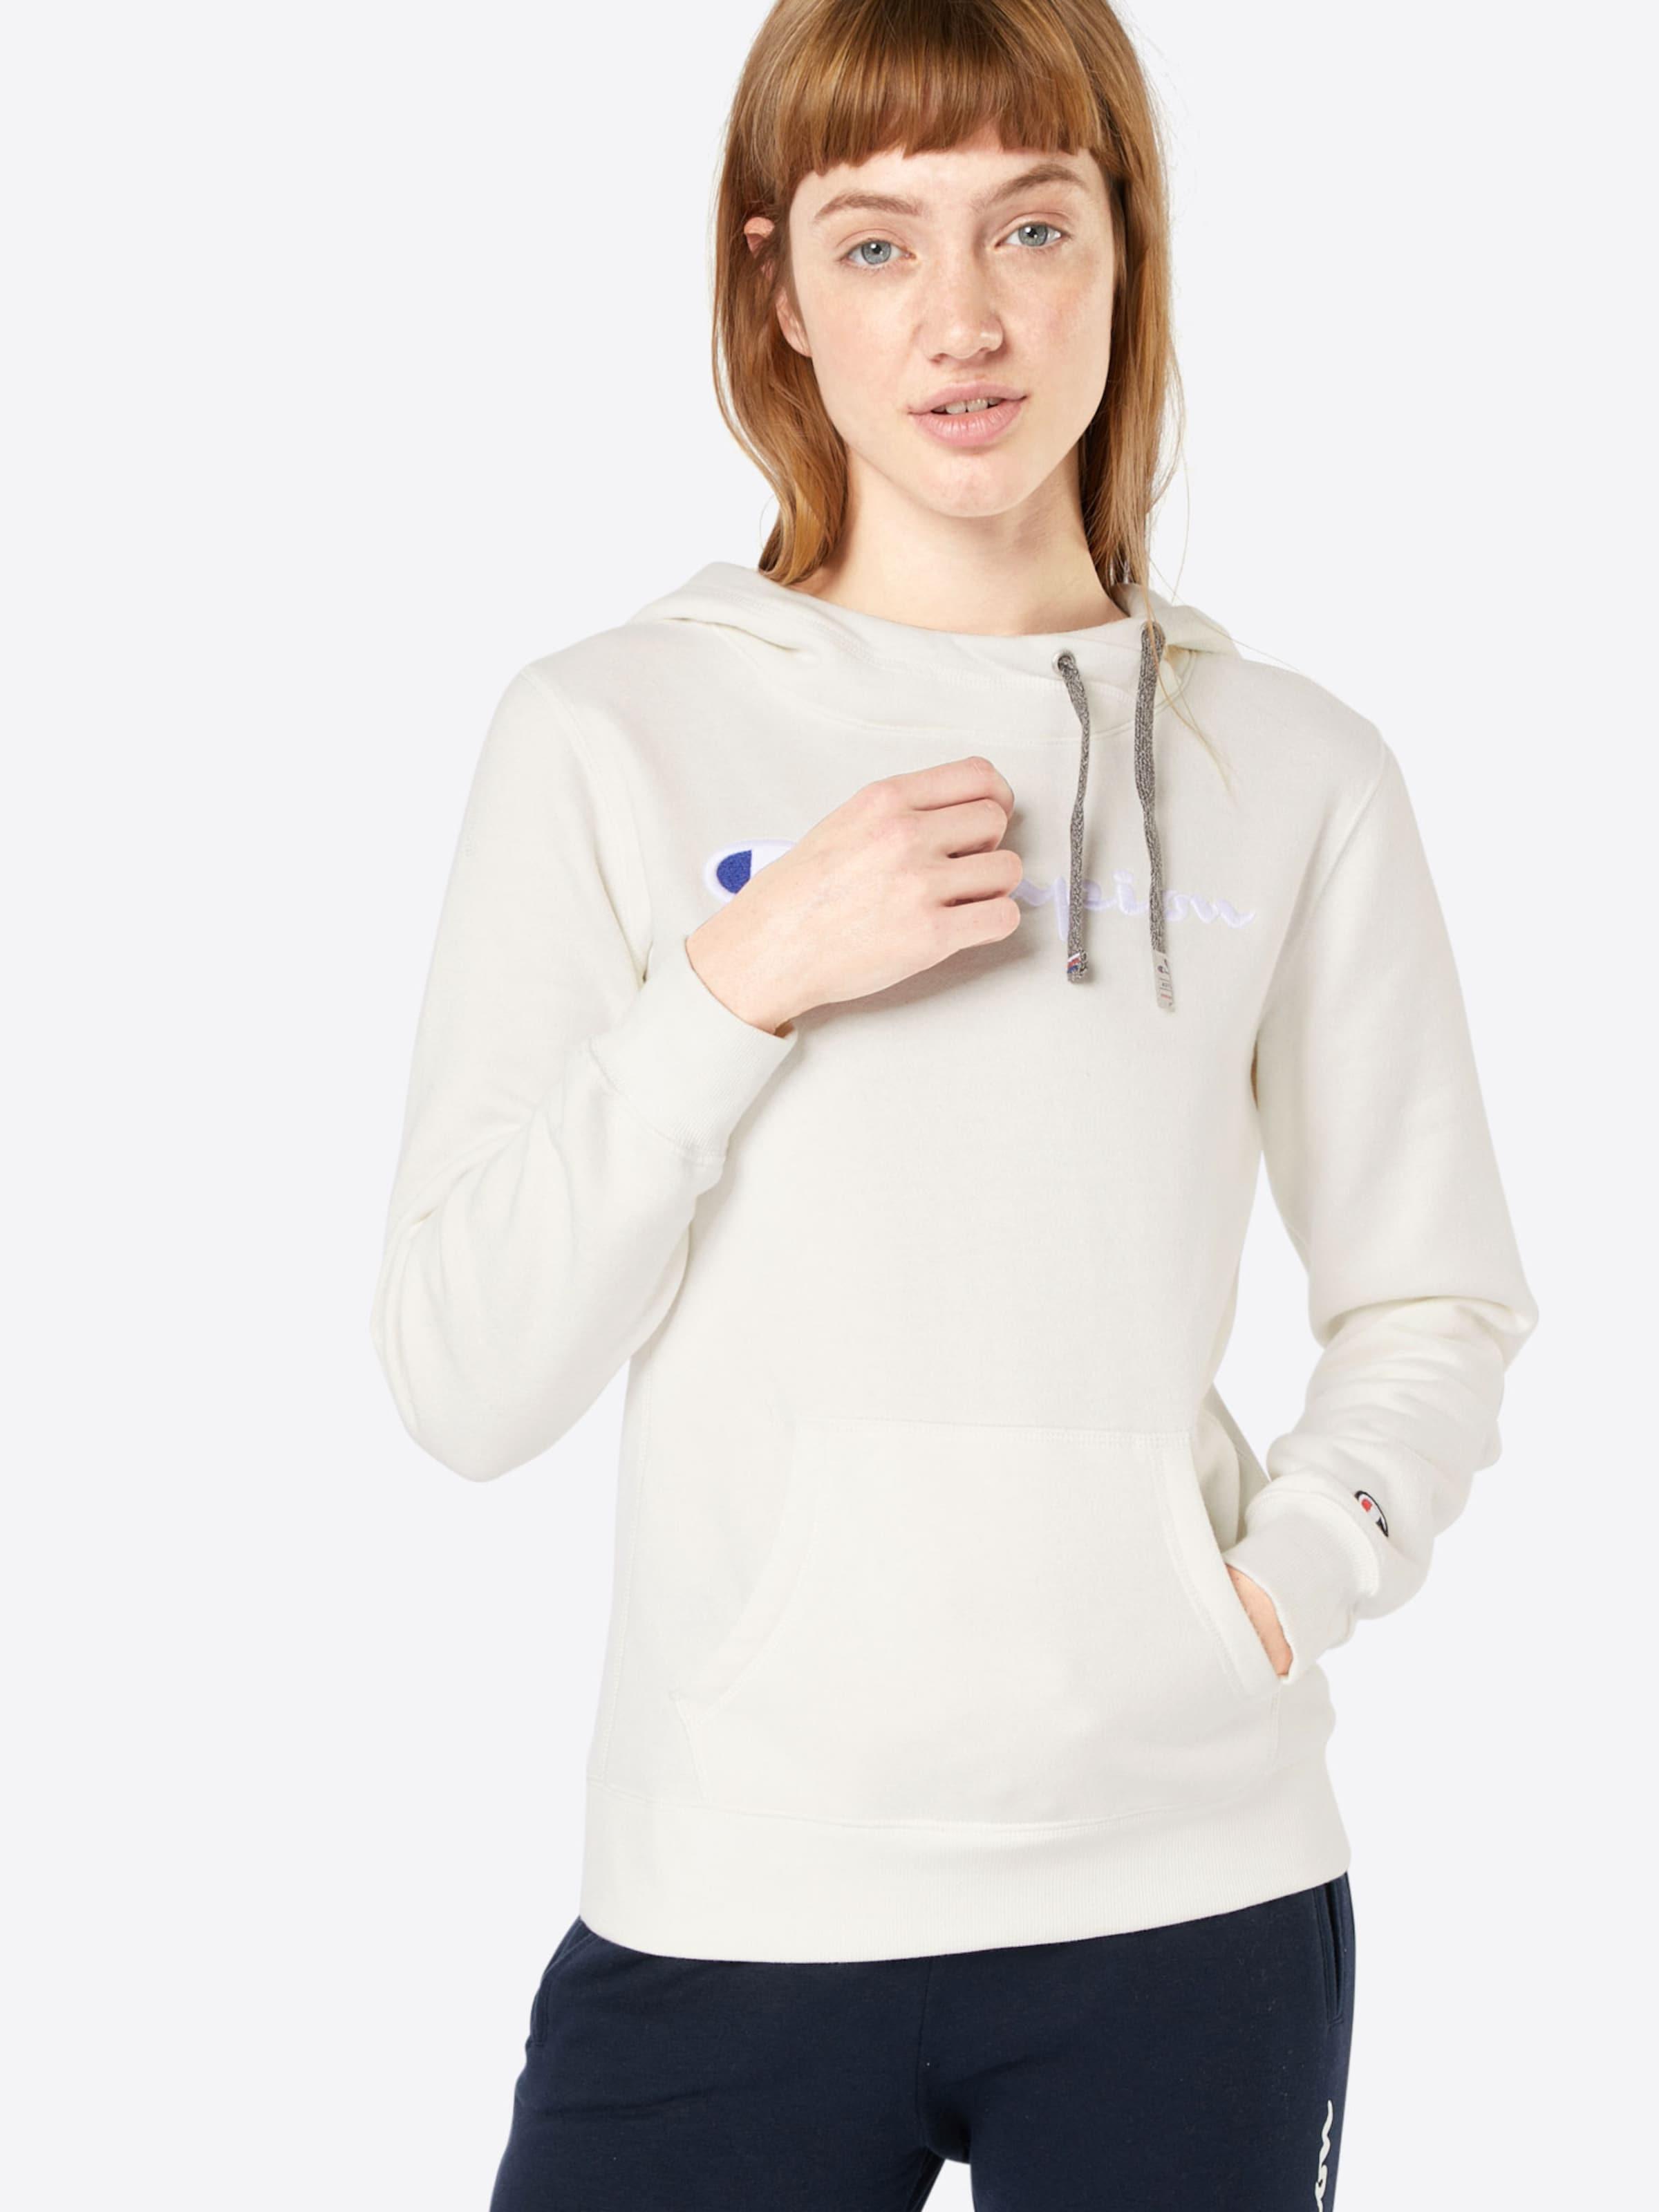 Champion Authentic Athletic Apparel Hoddie 'Hooded Sweatshirt' Niedrigster Preis Verkauf Online Rabatt Kaufen Freies Verschiffen Countdown-Paket 8NInIL8bC